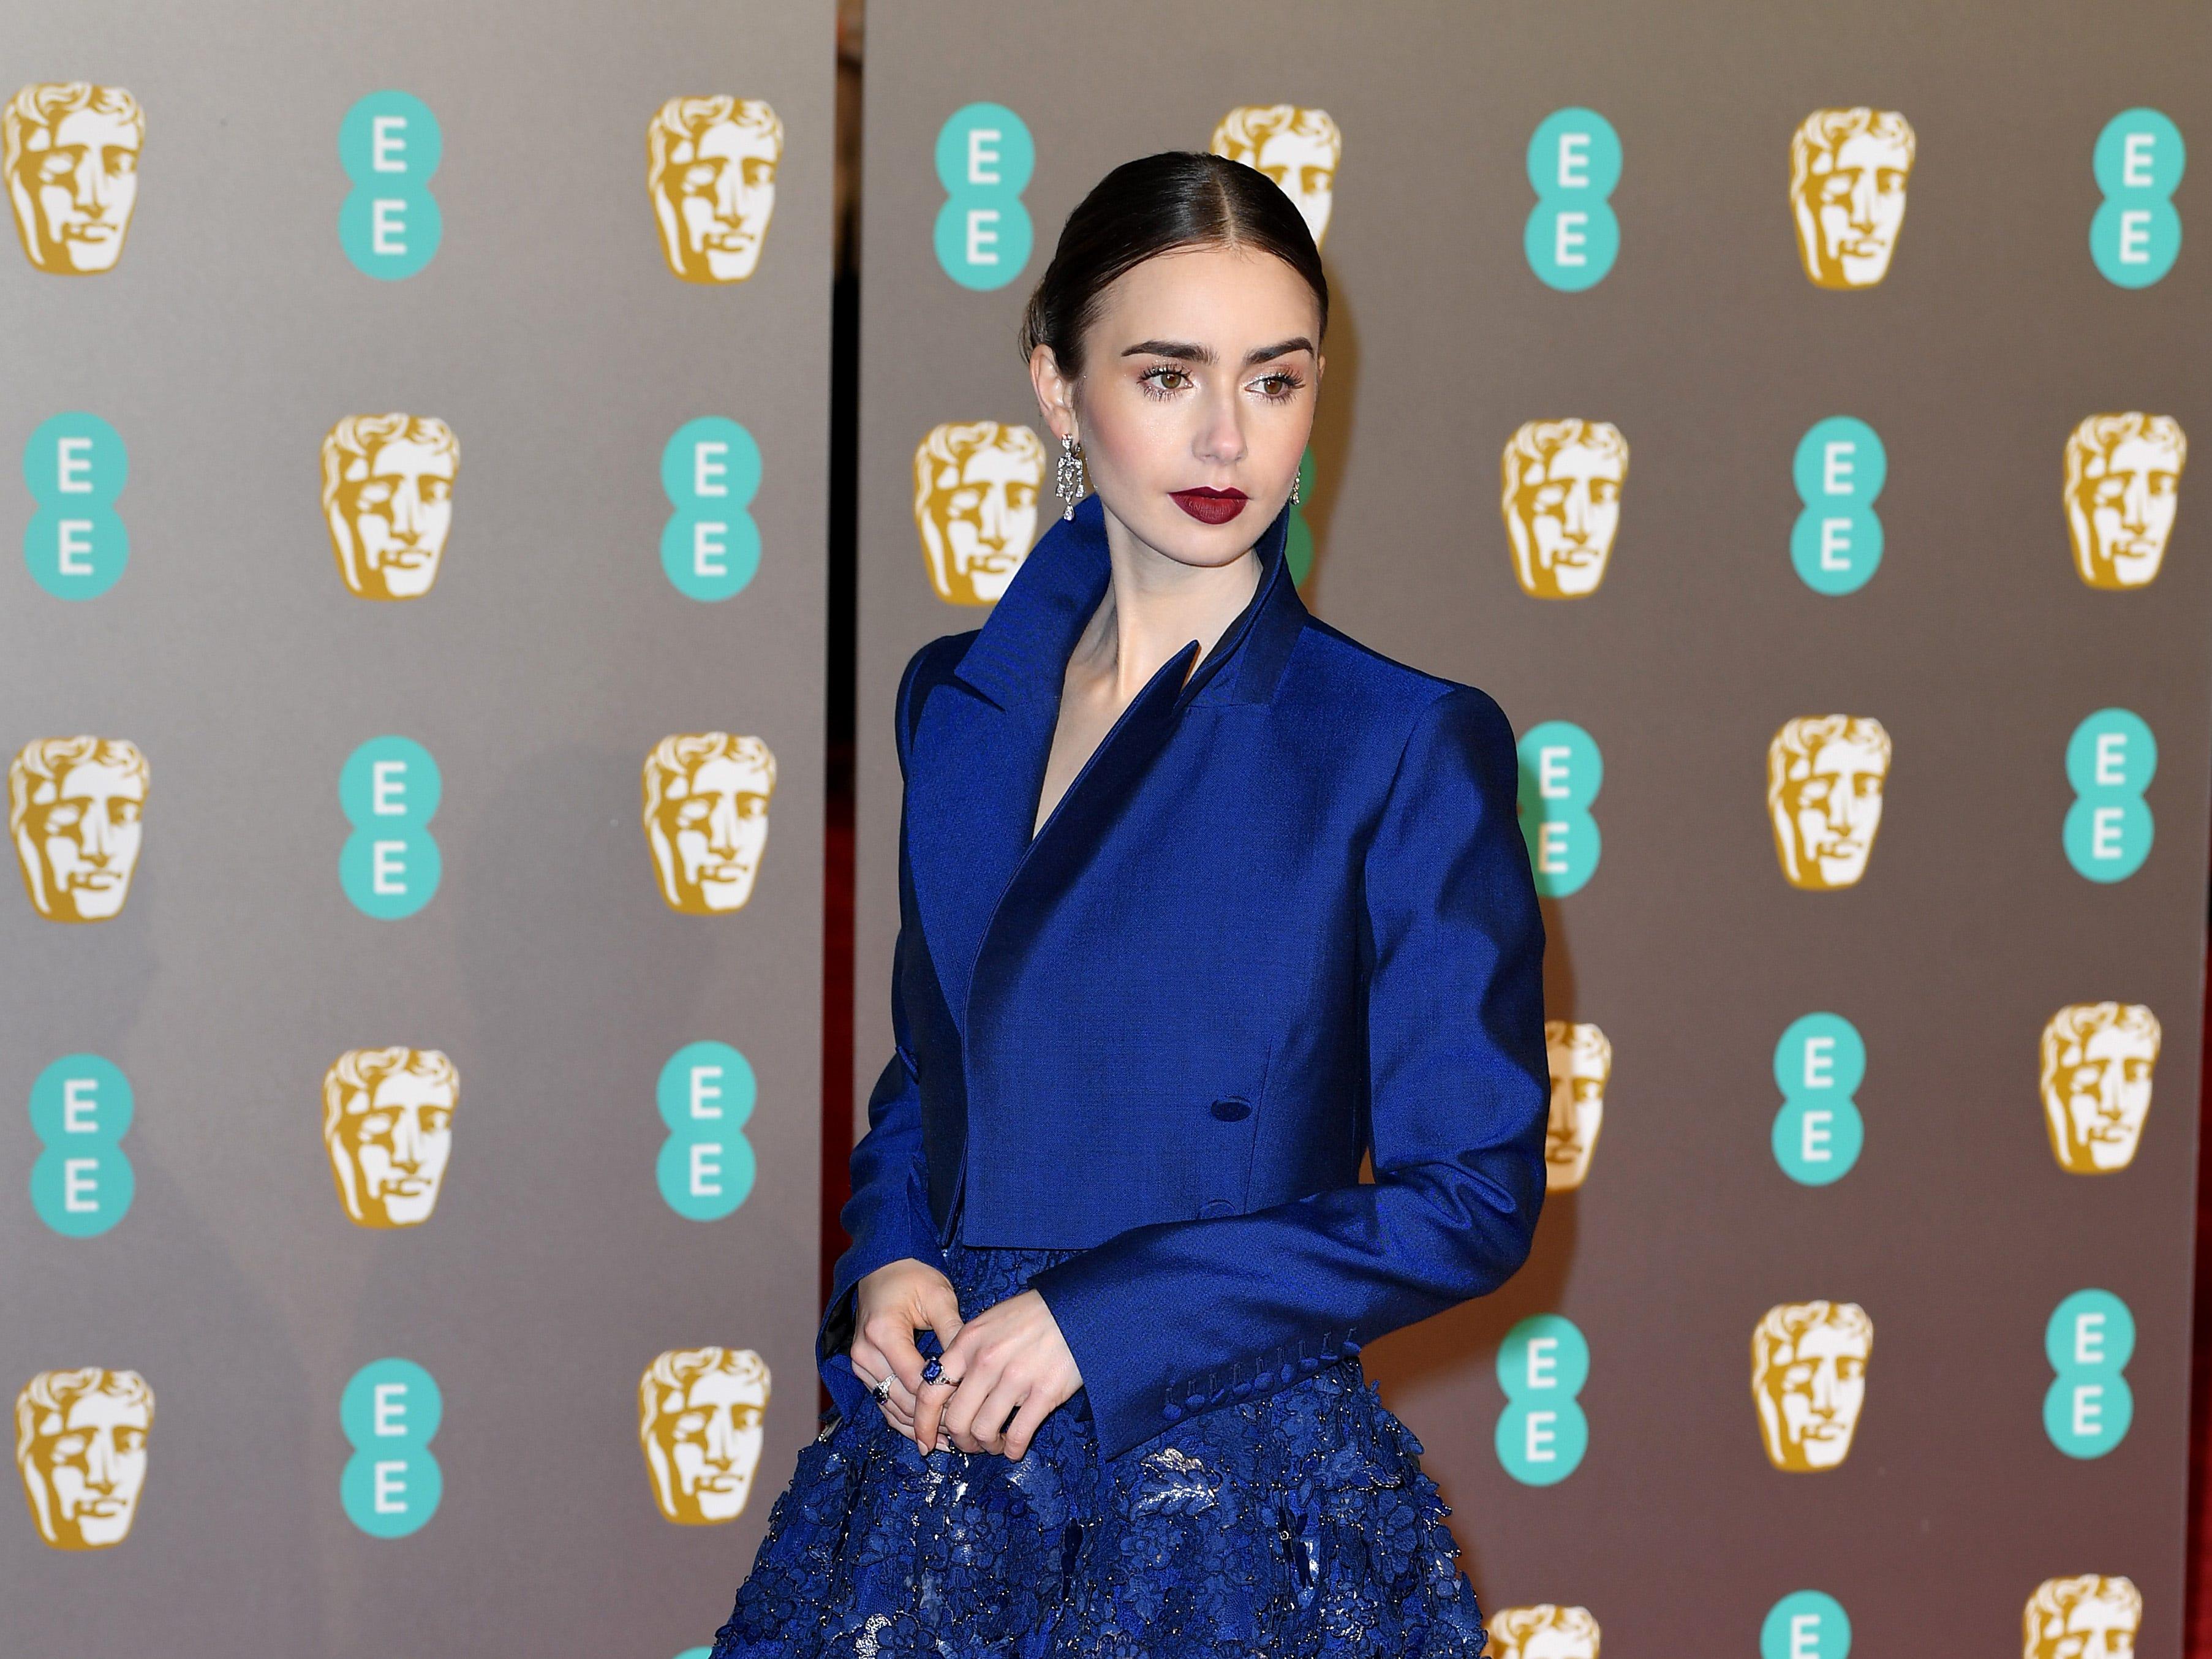 Lily Collins a su llegada a la alfombra roja de los Premios de la Academia Británica de Cine BAFTA en el Royal Albert Hall en Londres el 10 de febrero de 2019.